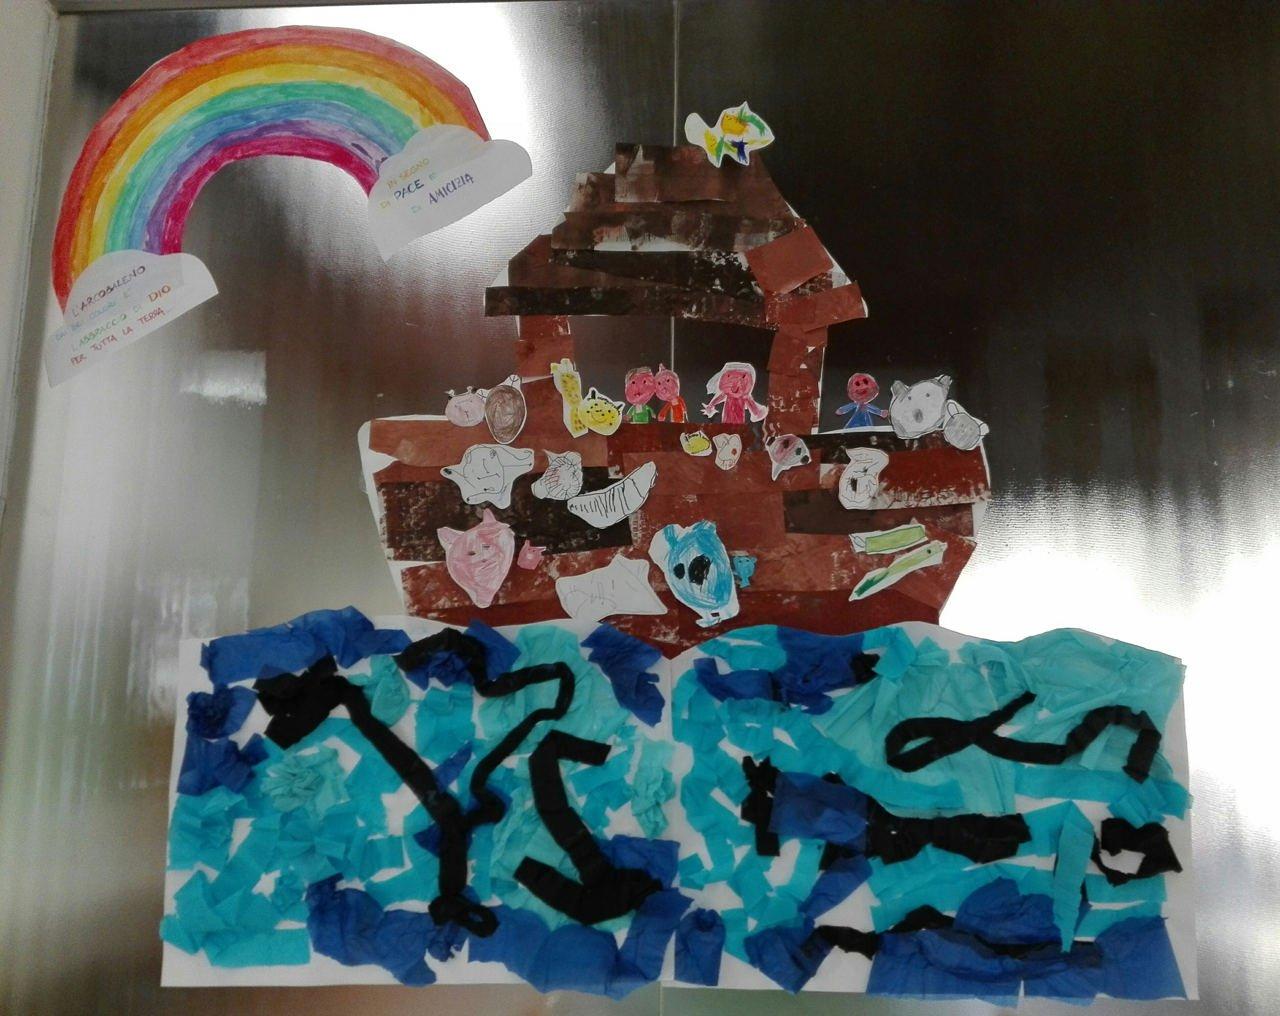 Progetto IRC - L'Arca di Noè